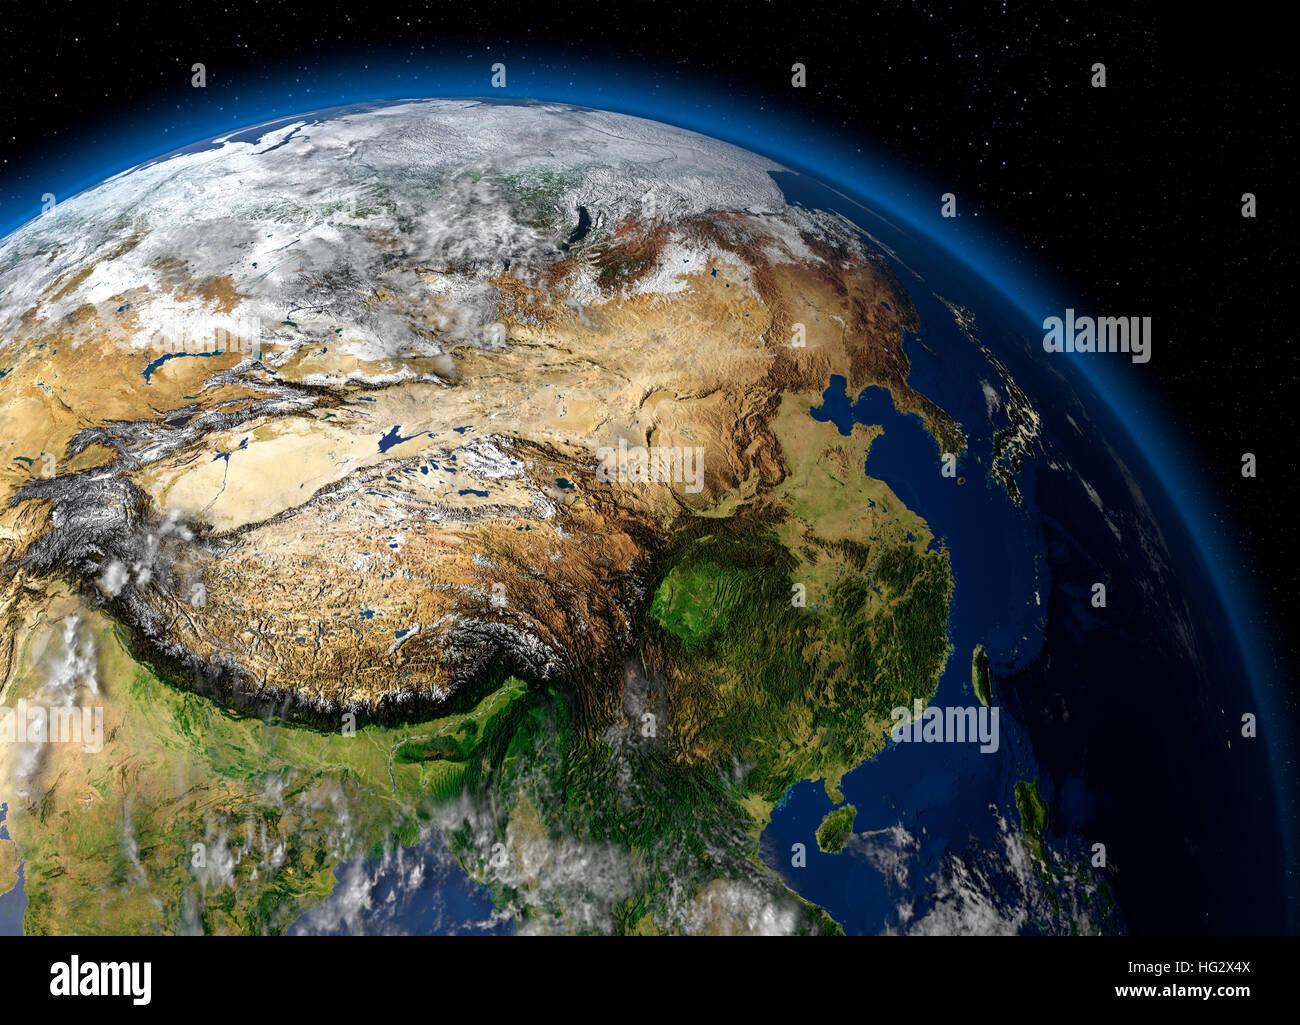 La Terra vista dallo spazio che mostra la Cina. Realistico illustrazione digitale tra cui sollievo mappa hill ombreggiatura Immagini Stock